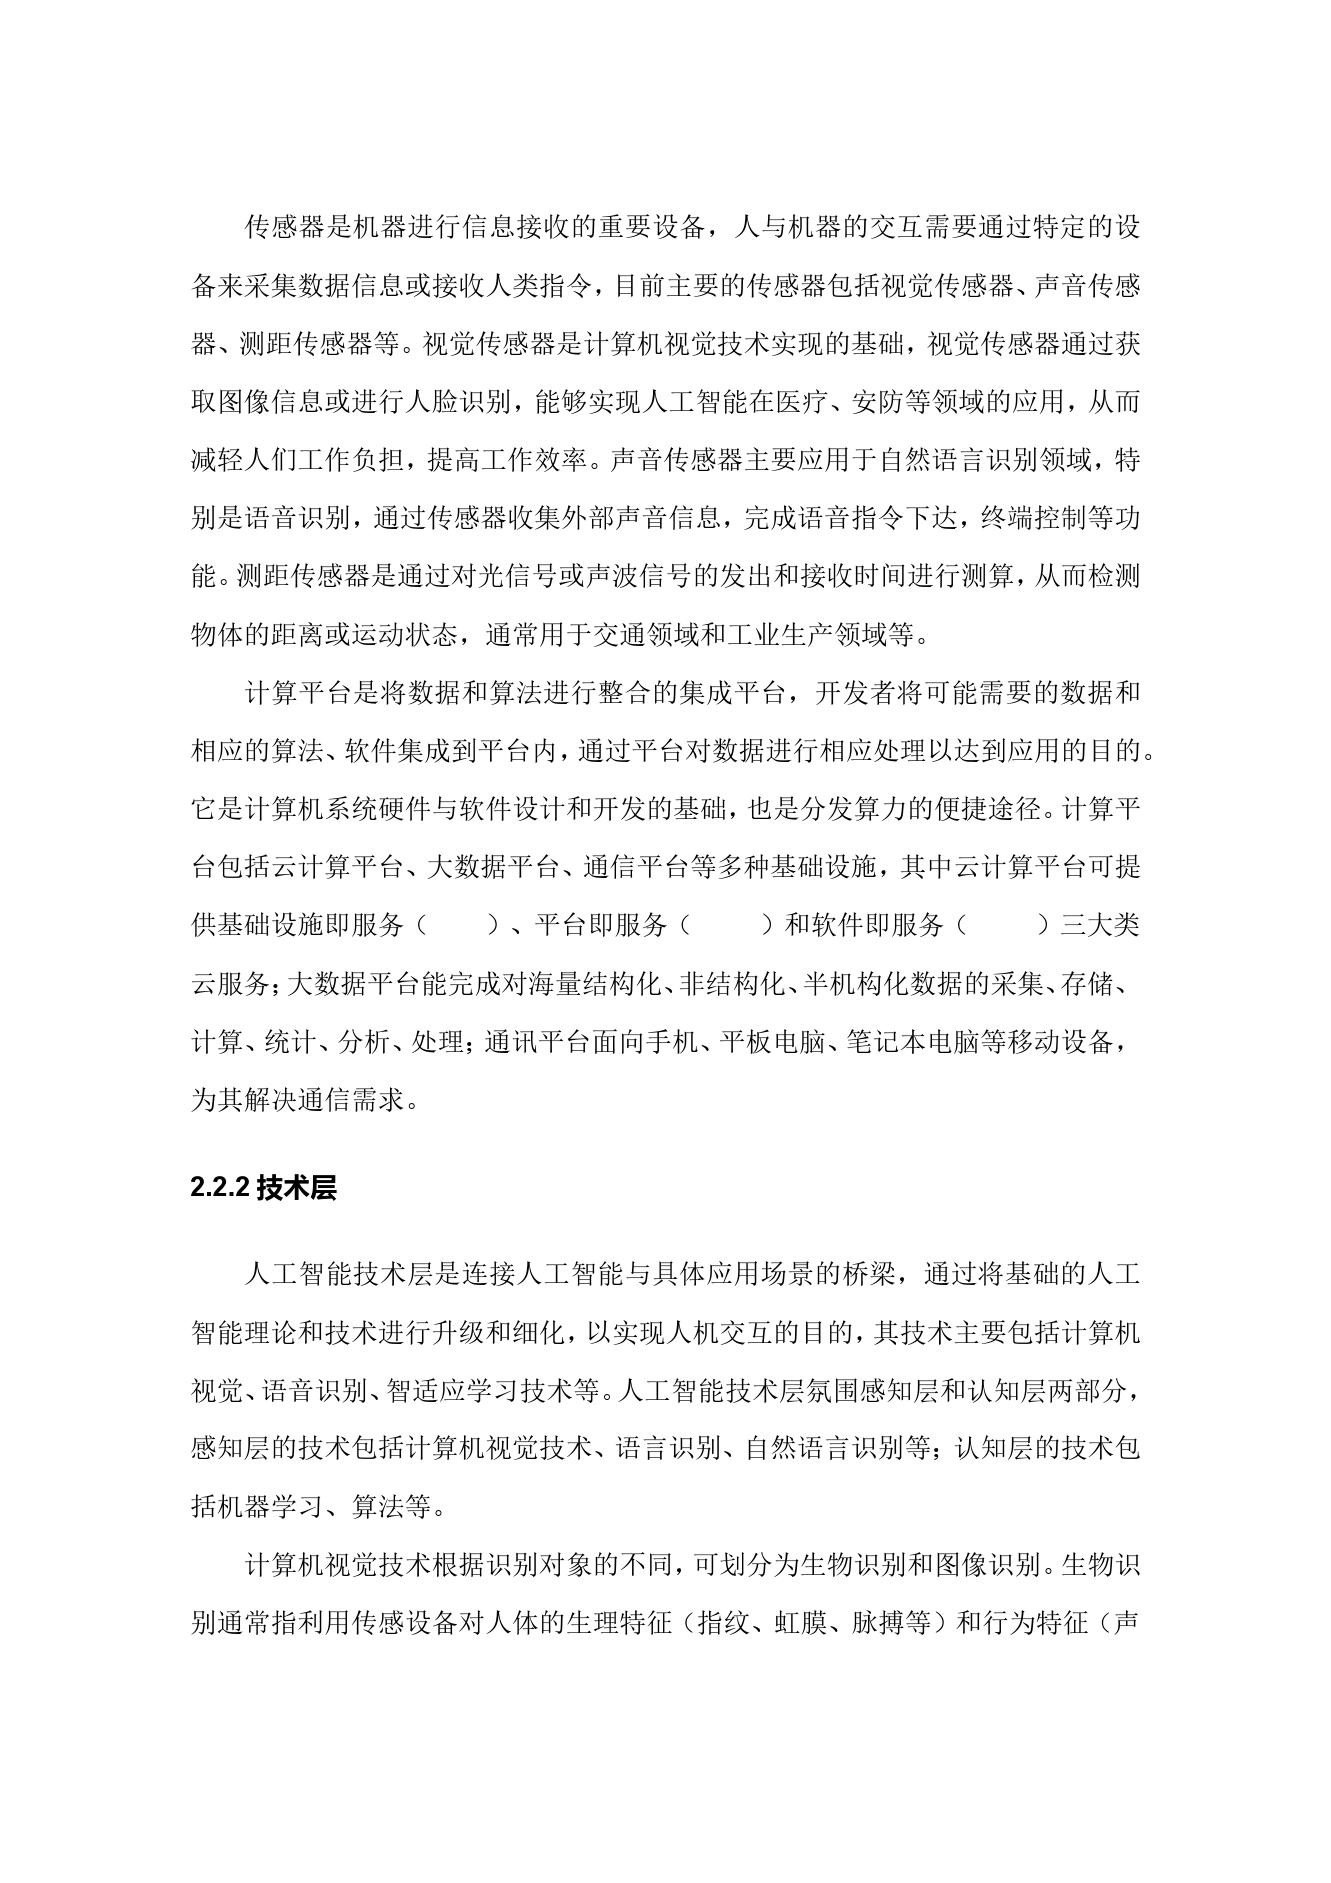 36氪研究院:2020年中国城市人工智能发展指数报告(可下载报告)插图(31)